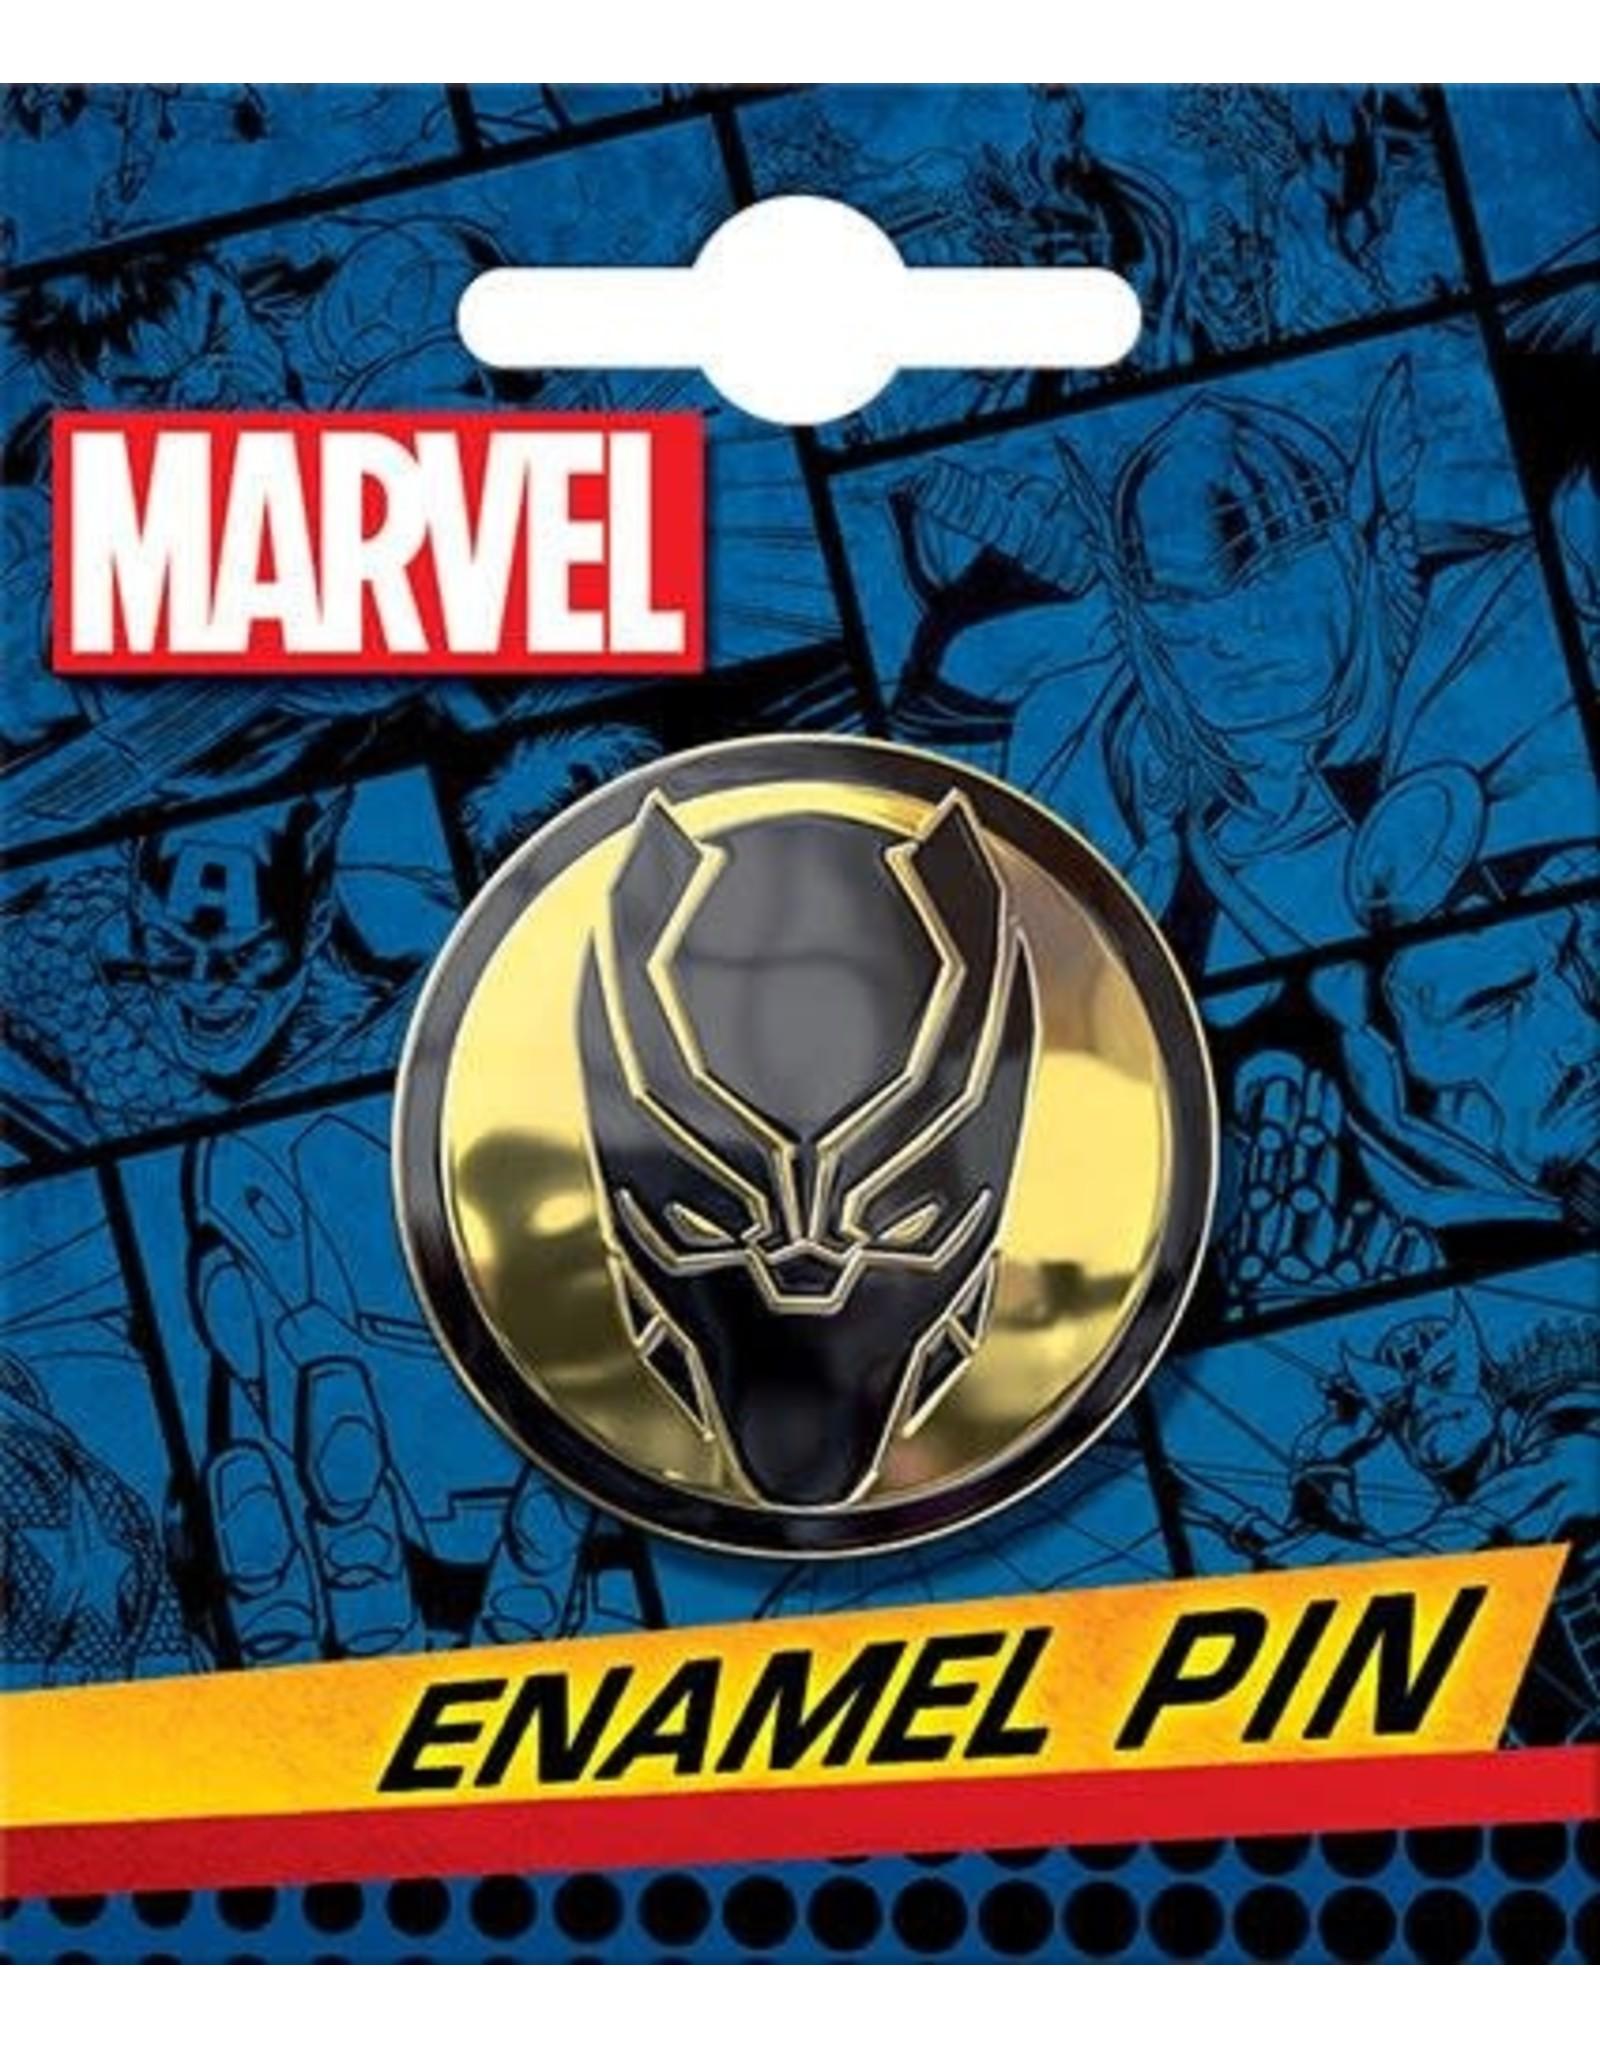 Ata-boy BLACK PANTHER ENAMEL PIN